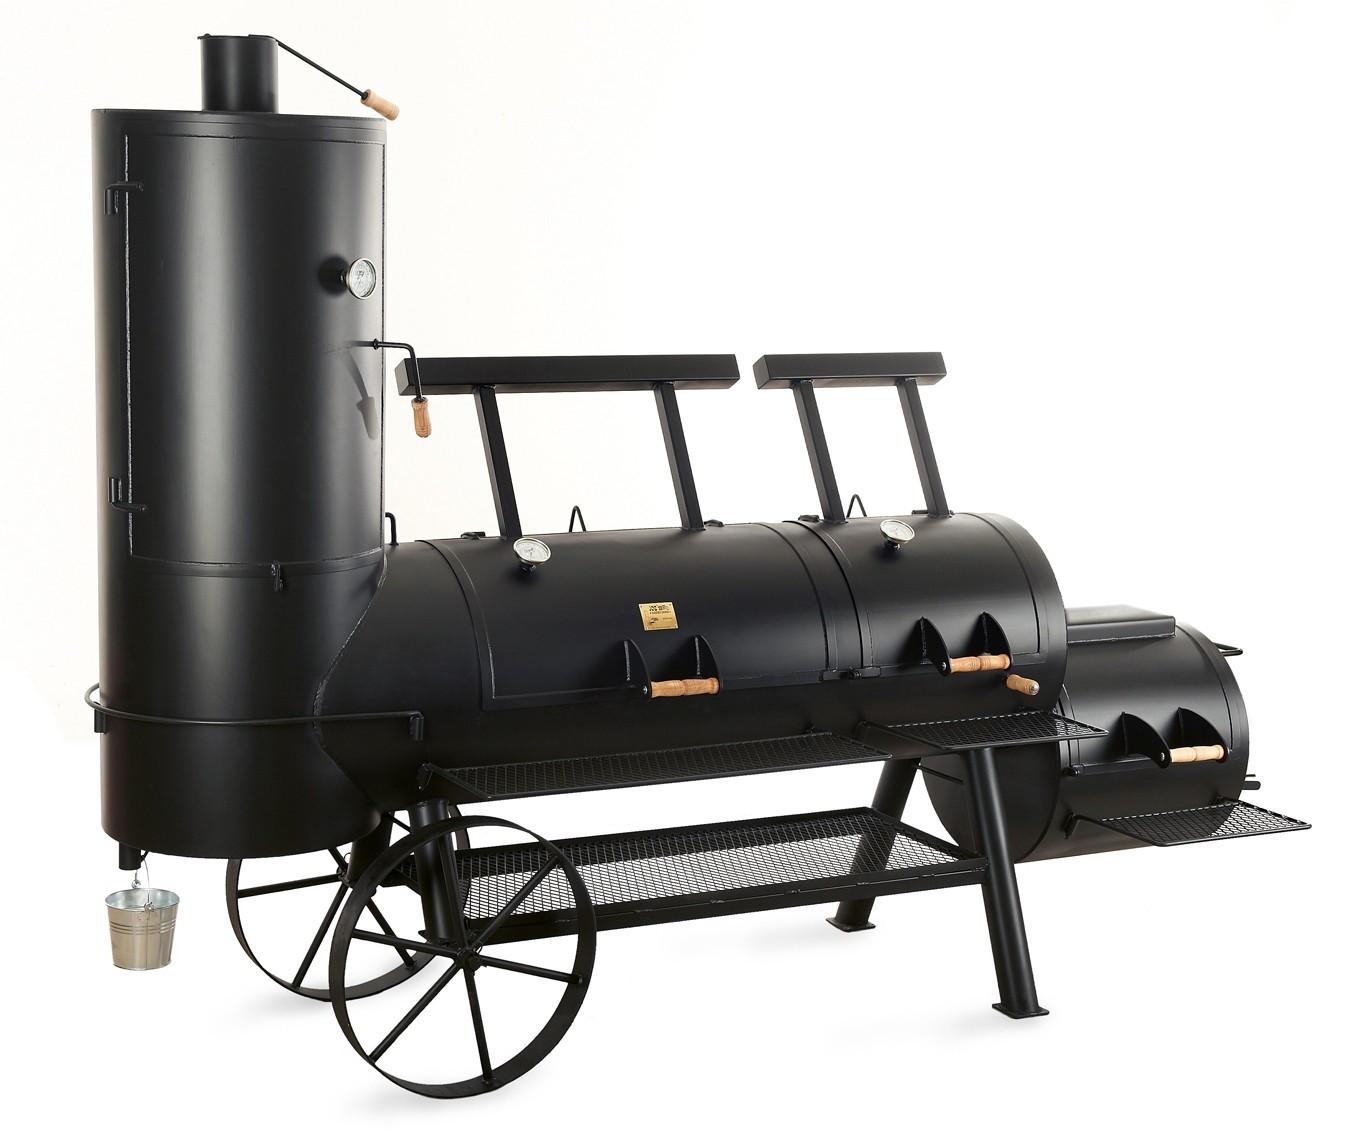 joes smoker hersteller kleinster mobiler gasgrill. Black Bedroom Furniture Sets. Home Design Ideas